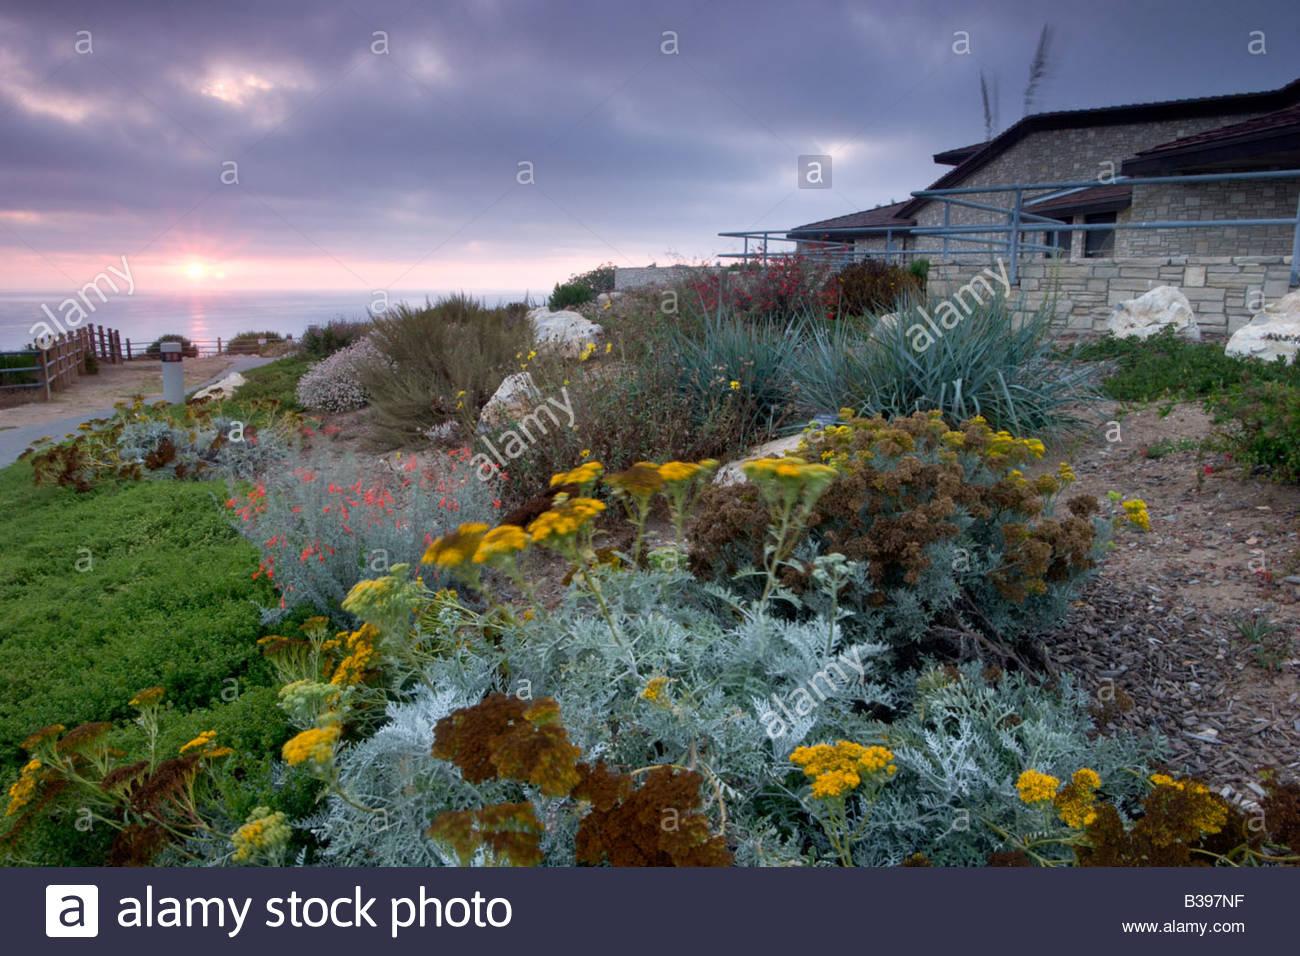 Garden at Point Vicente Interpretive Center Rancho Palos Verdes Peninsula California - Stock Image